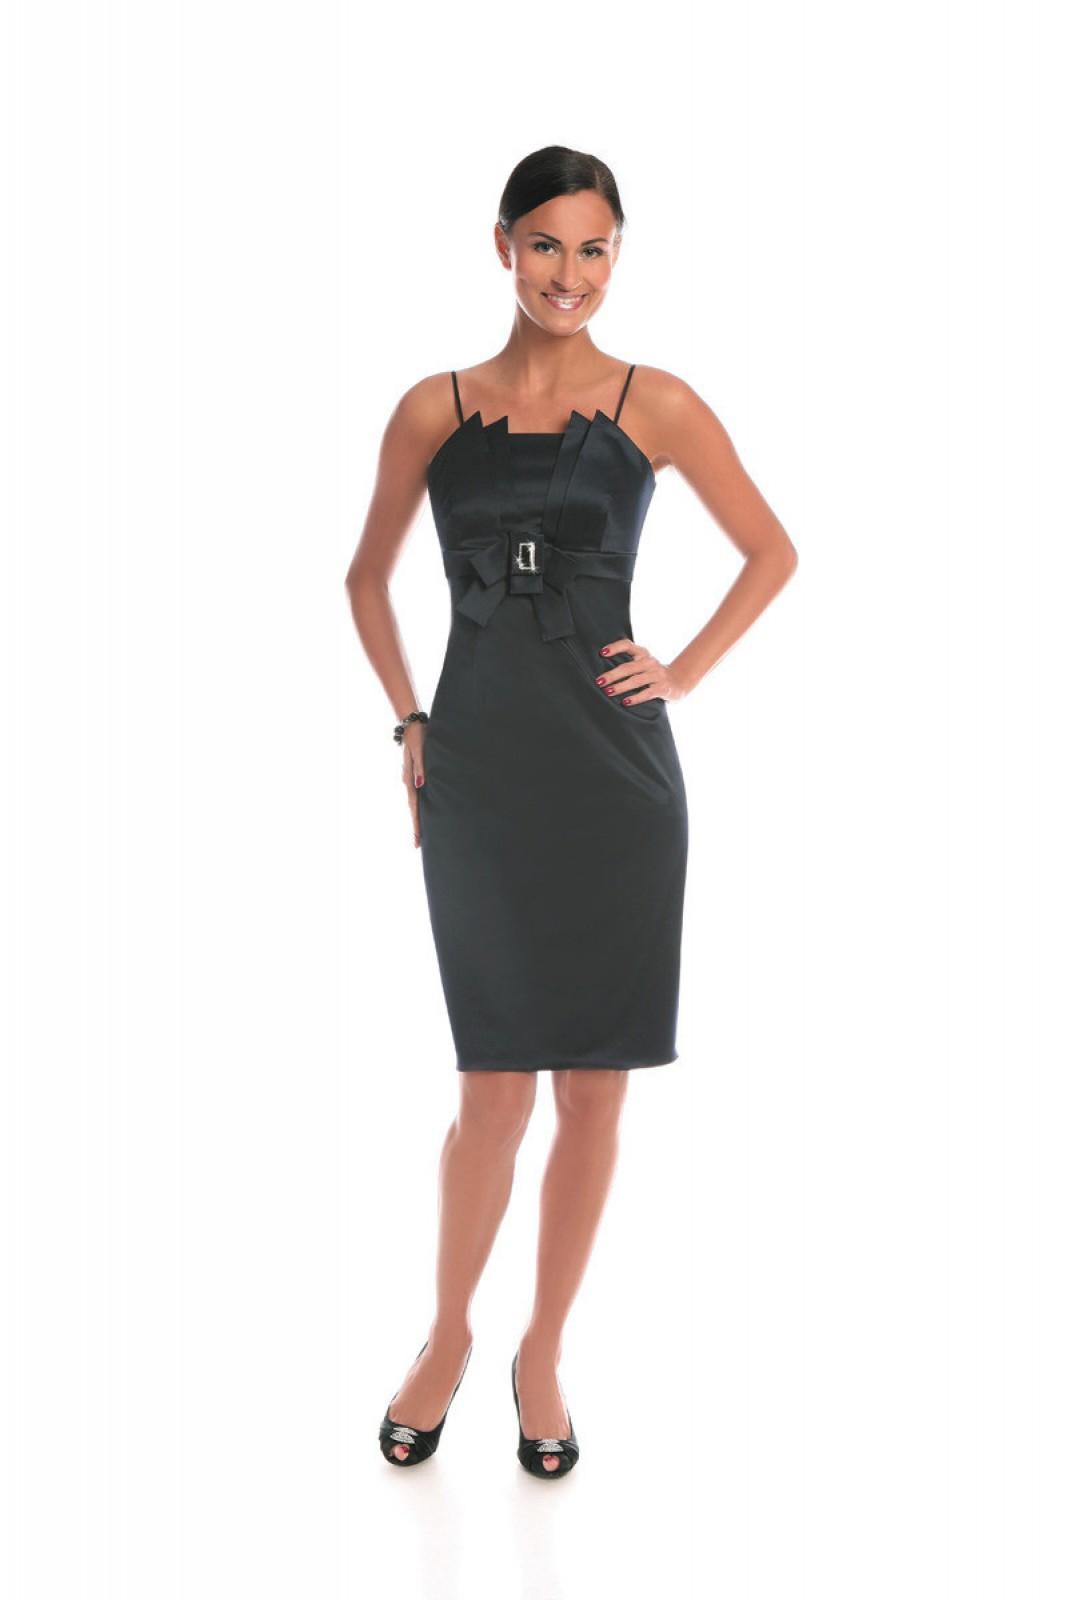 Enges Cocktailkleid, figurbtont, schwarz, knielang, sexy - ...